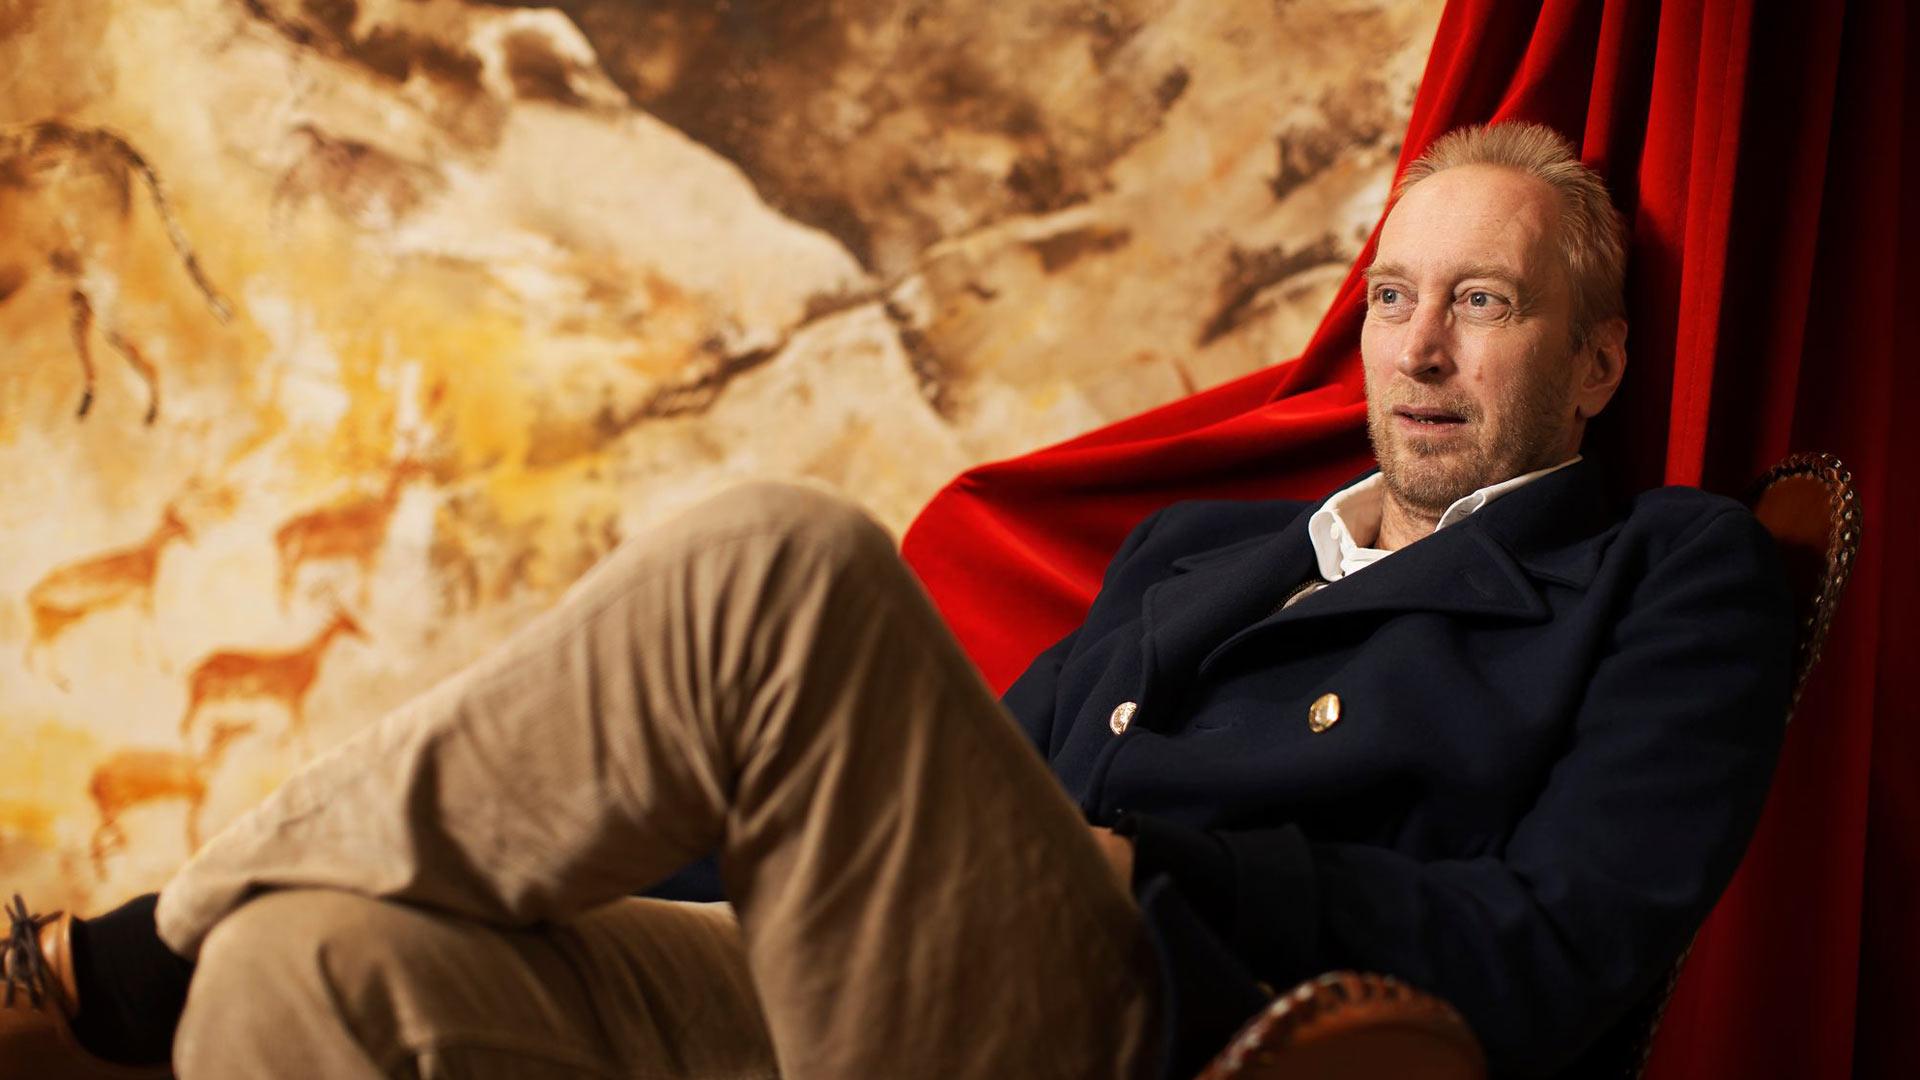 Teatterinjohtaja Otso Kauton työhuoneessa on työpöydän lisäksi punainen nojatuoli ja riippumatto. Maaliskuun alusta lähtien työajasta leijonanosan ovat vieneet korona-asiat, eikä teatterinjohtajalla juuri ole ollut lomapäiviä.